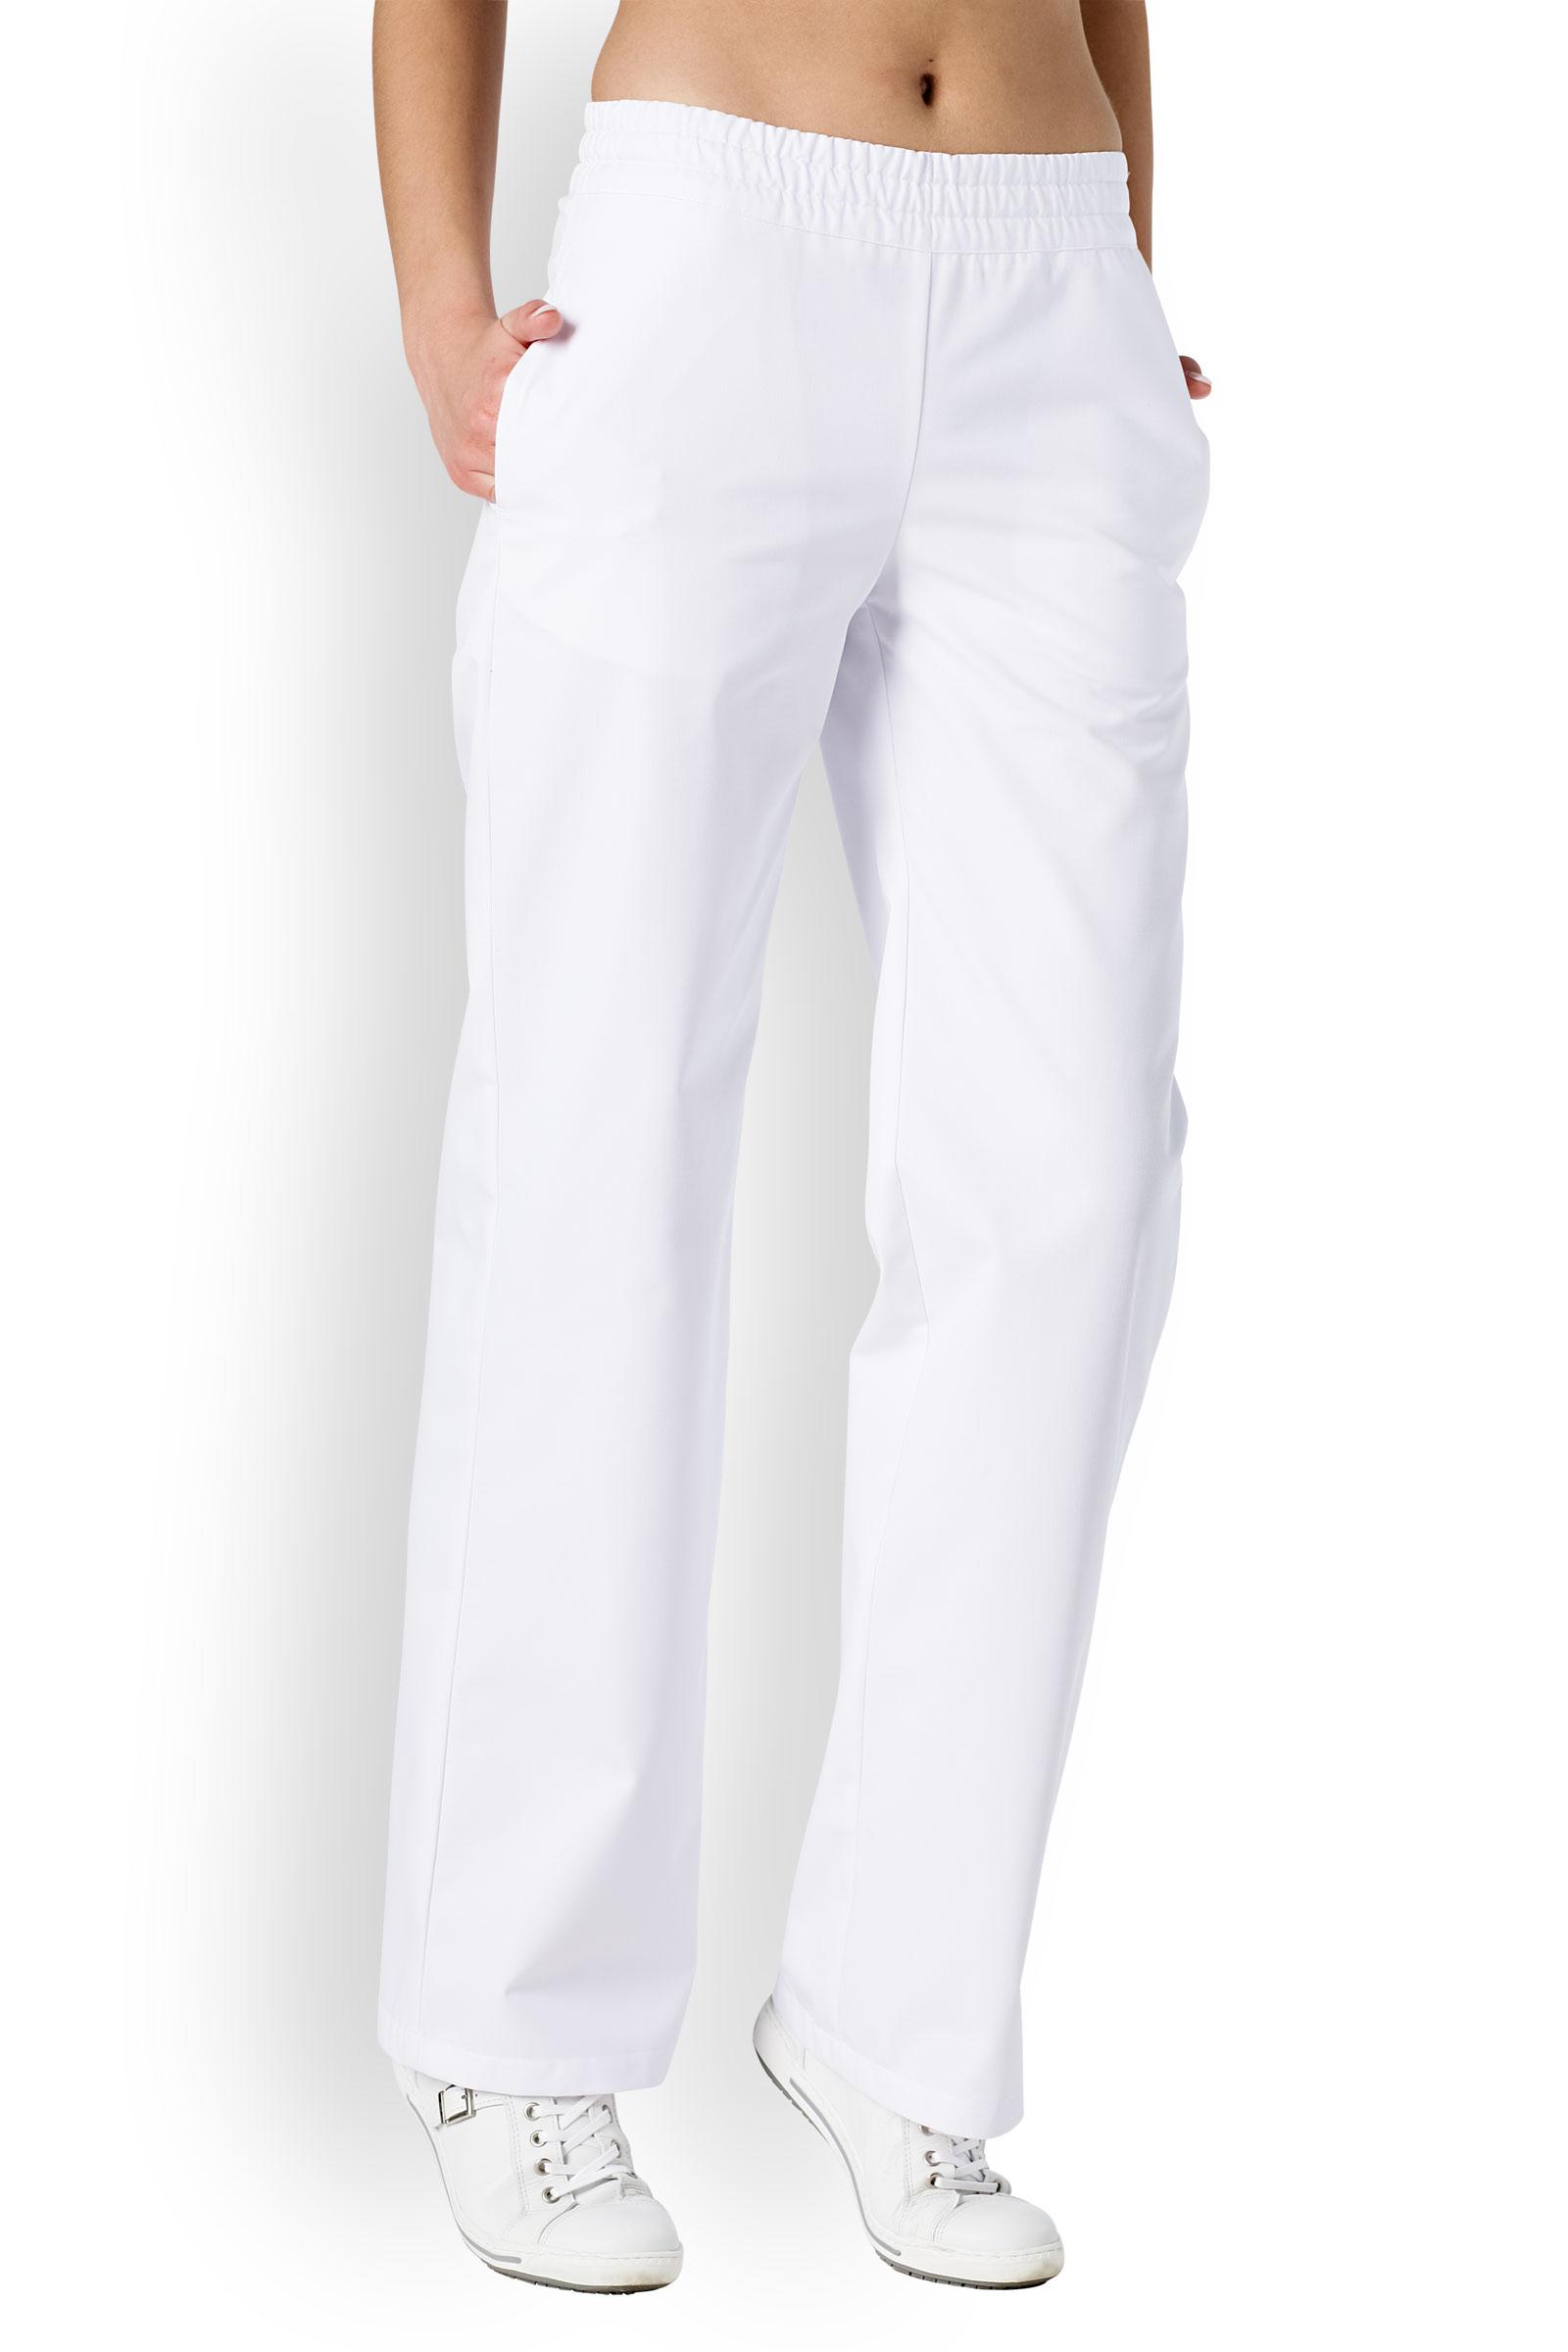 Clinic Dress Dámské dlouhé kalhoty Clinic Dress Bílá 40